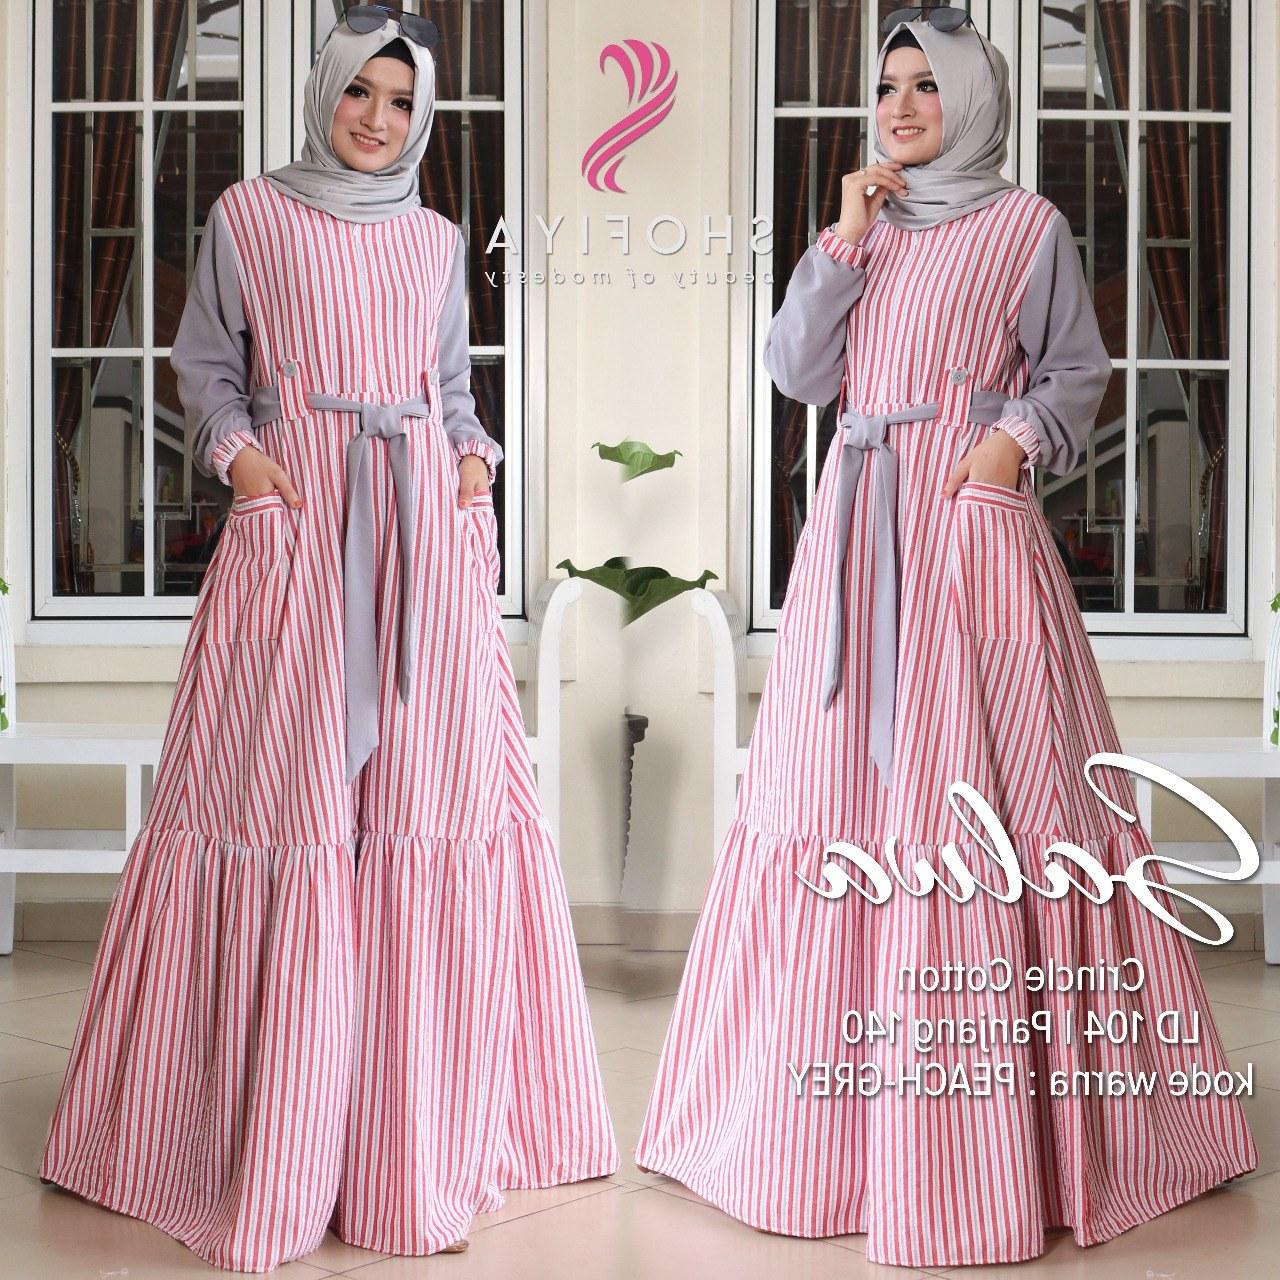 Model Model Terbaru Baju Lebaran Y7du Model Baju Gamis Terbaru Lebaran Gambar islami